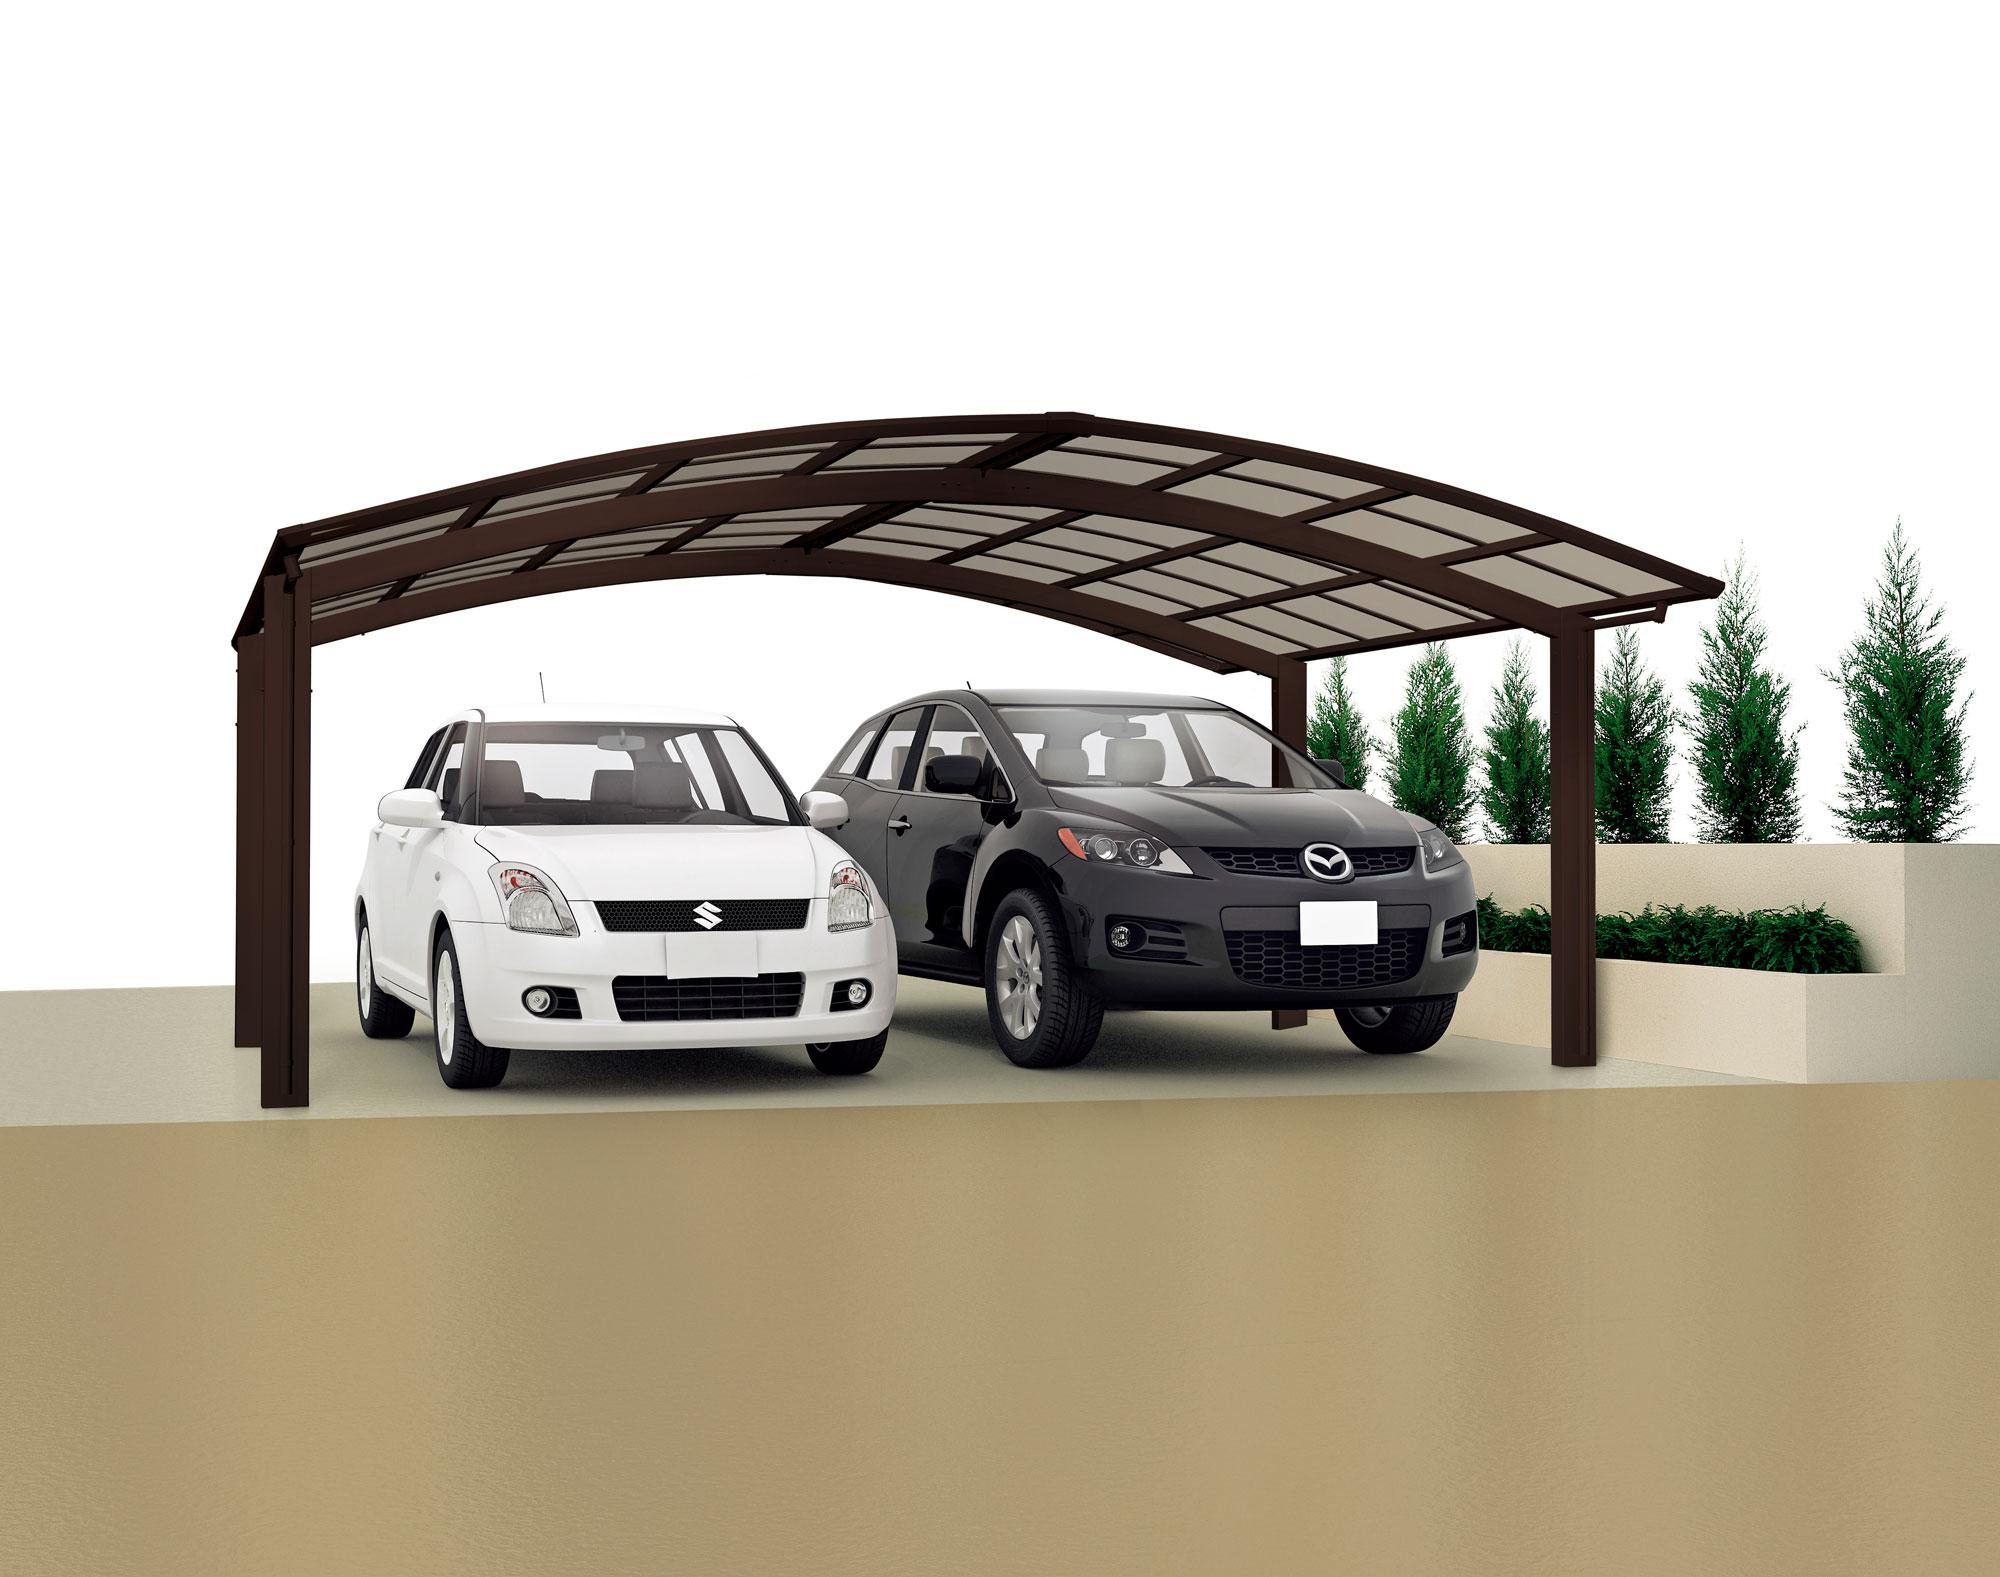 carport ximax portoforte aluminium typ 60 m braun. Black Bedroom Furniture Sets. Home Design Ideas